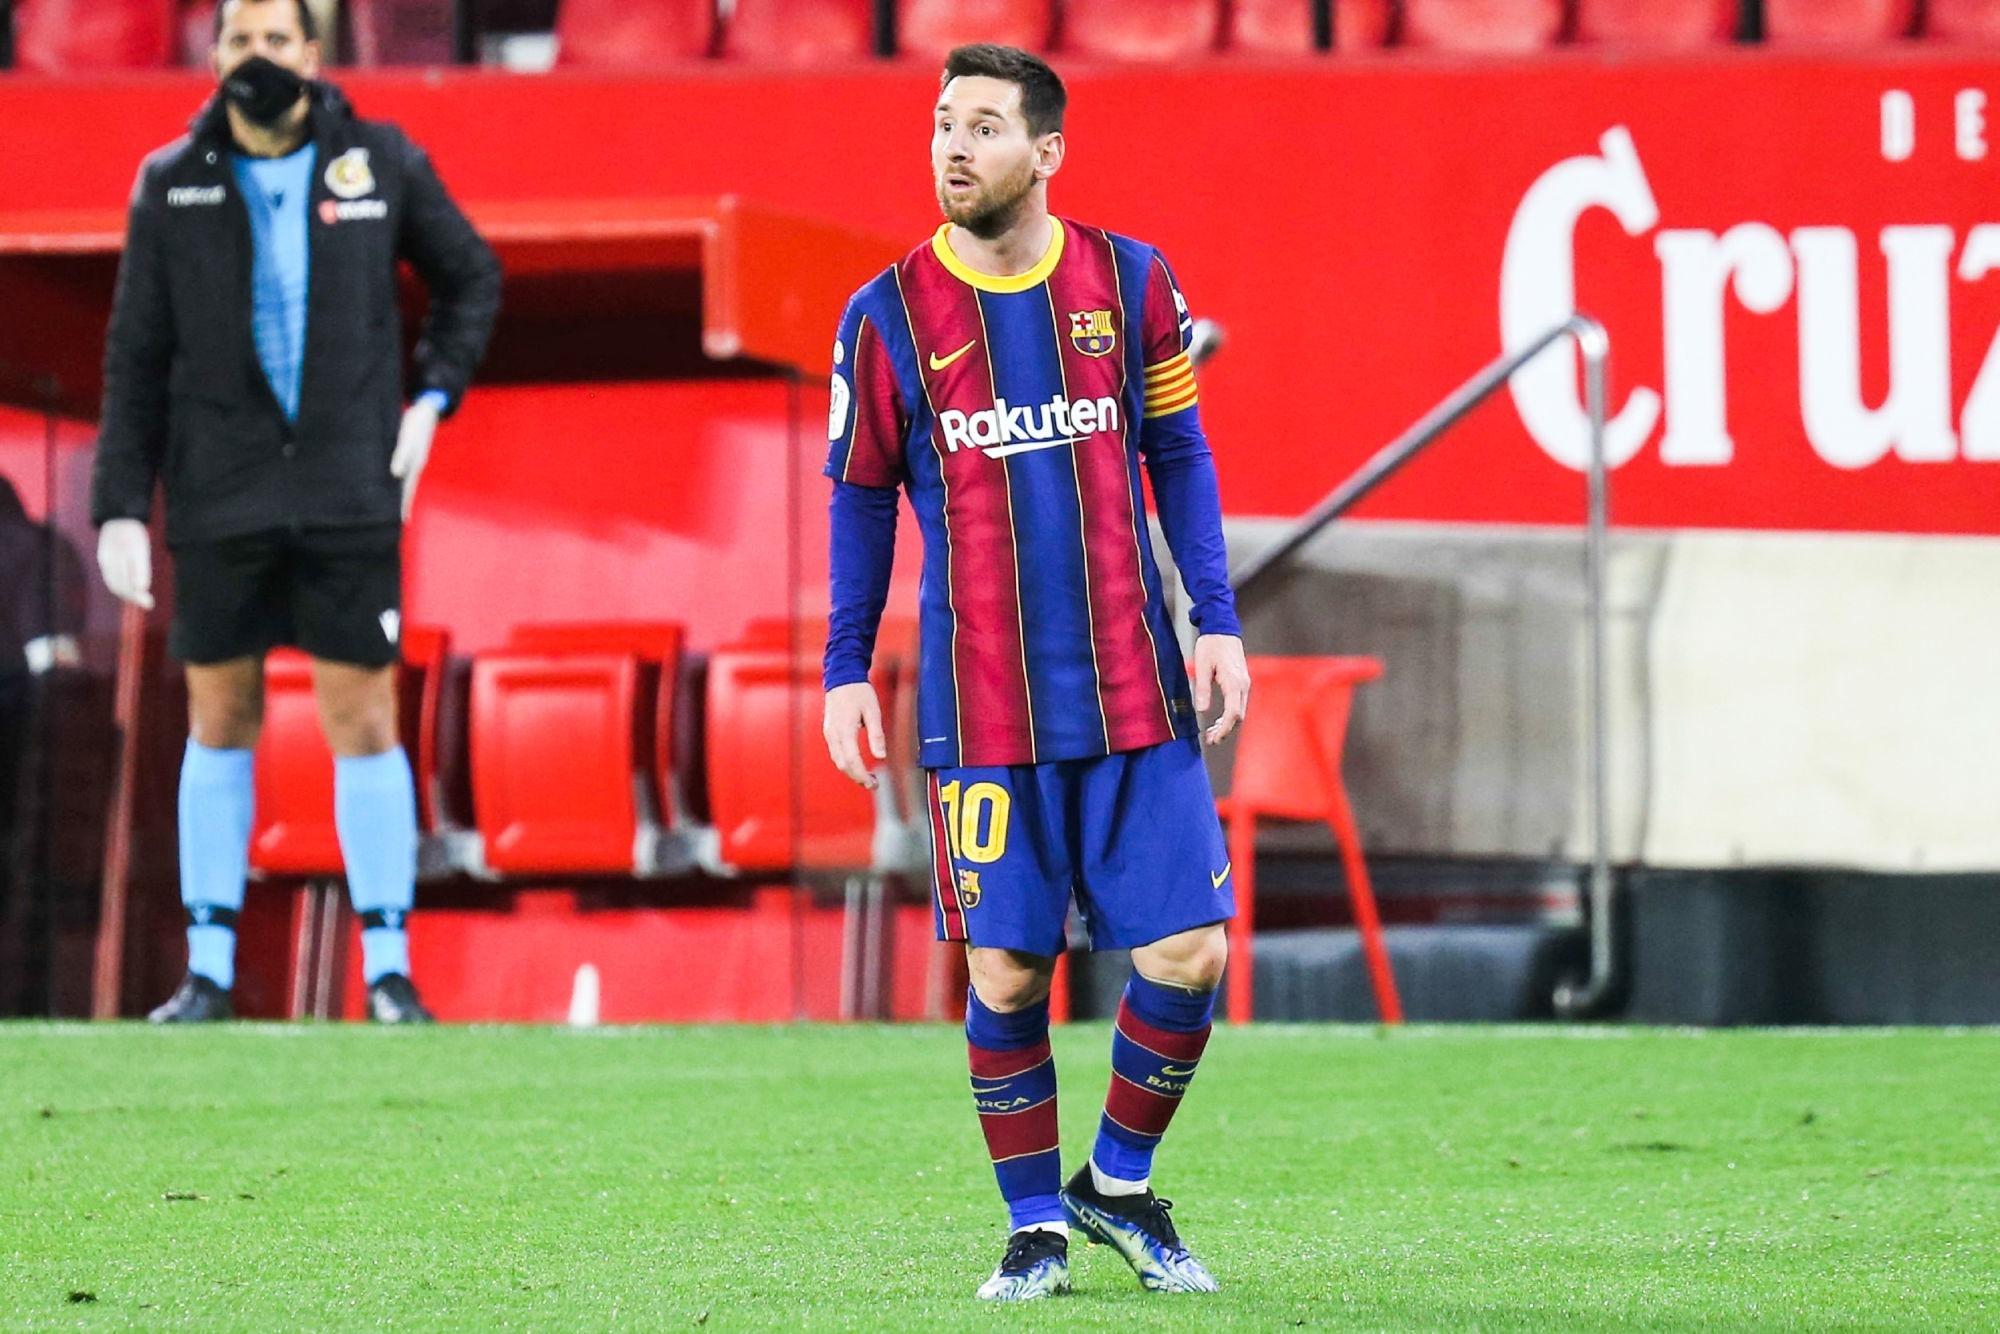 Mercato - Messi, évoqué au PSG, quitte officiellement le Barça !